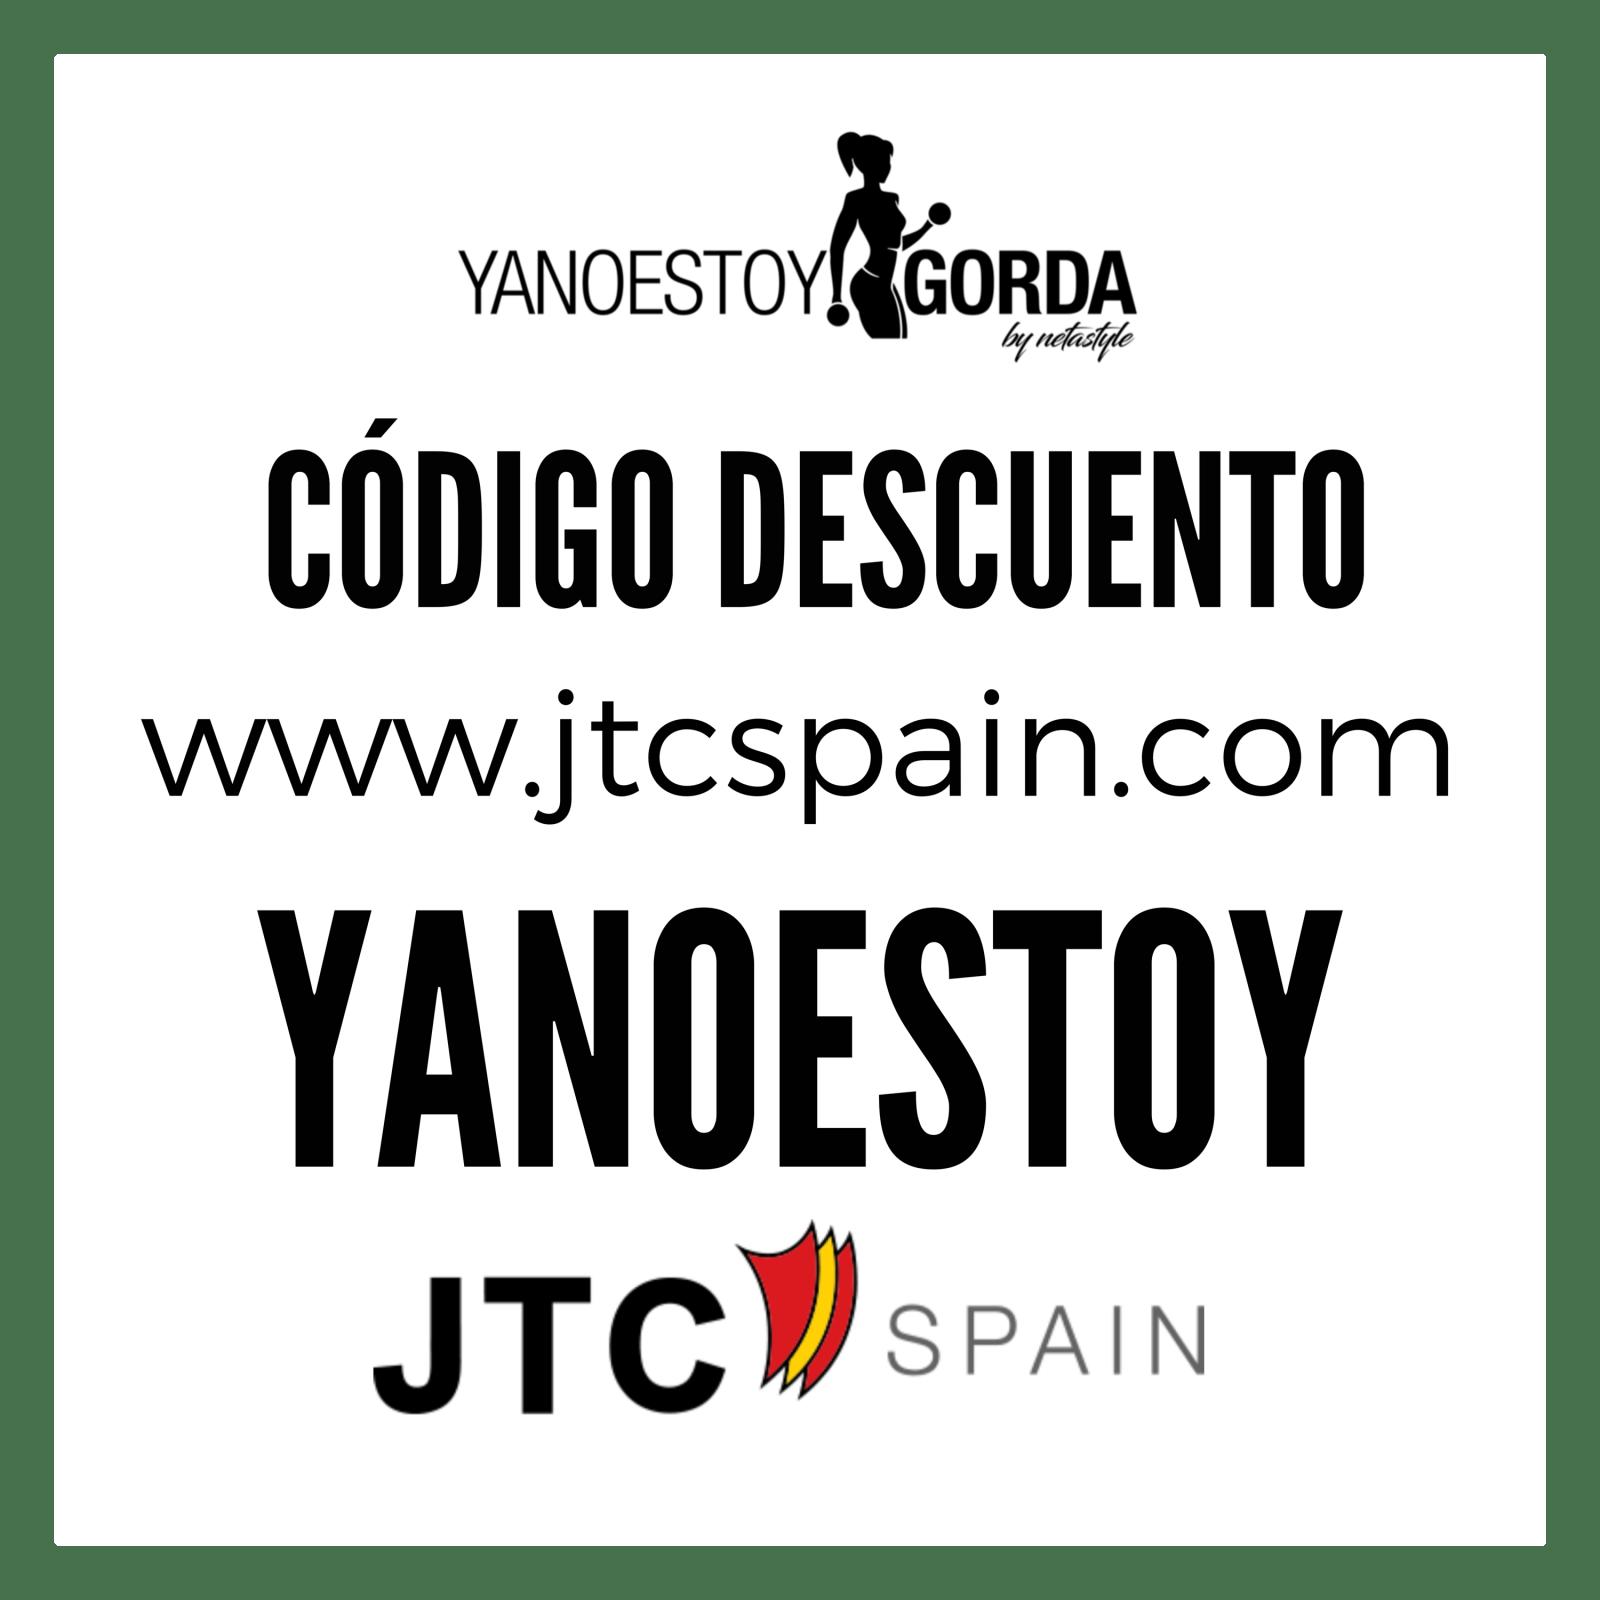 código descuento en JTC SPAIN